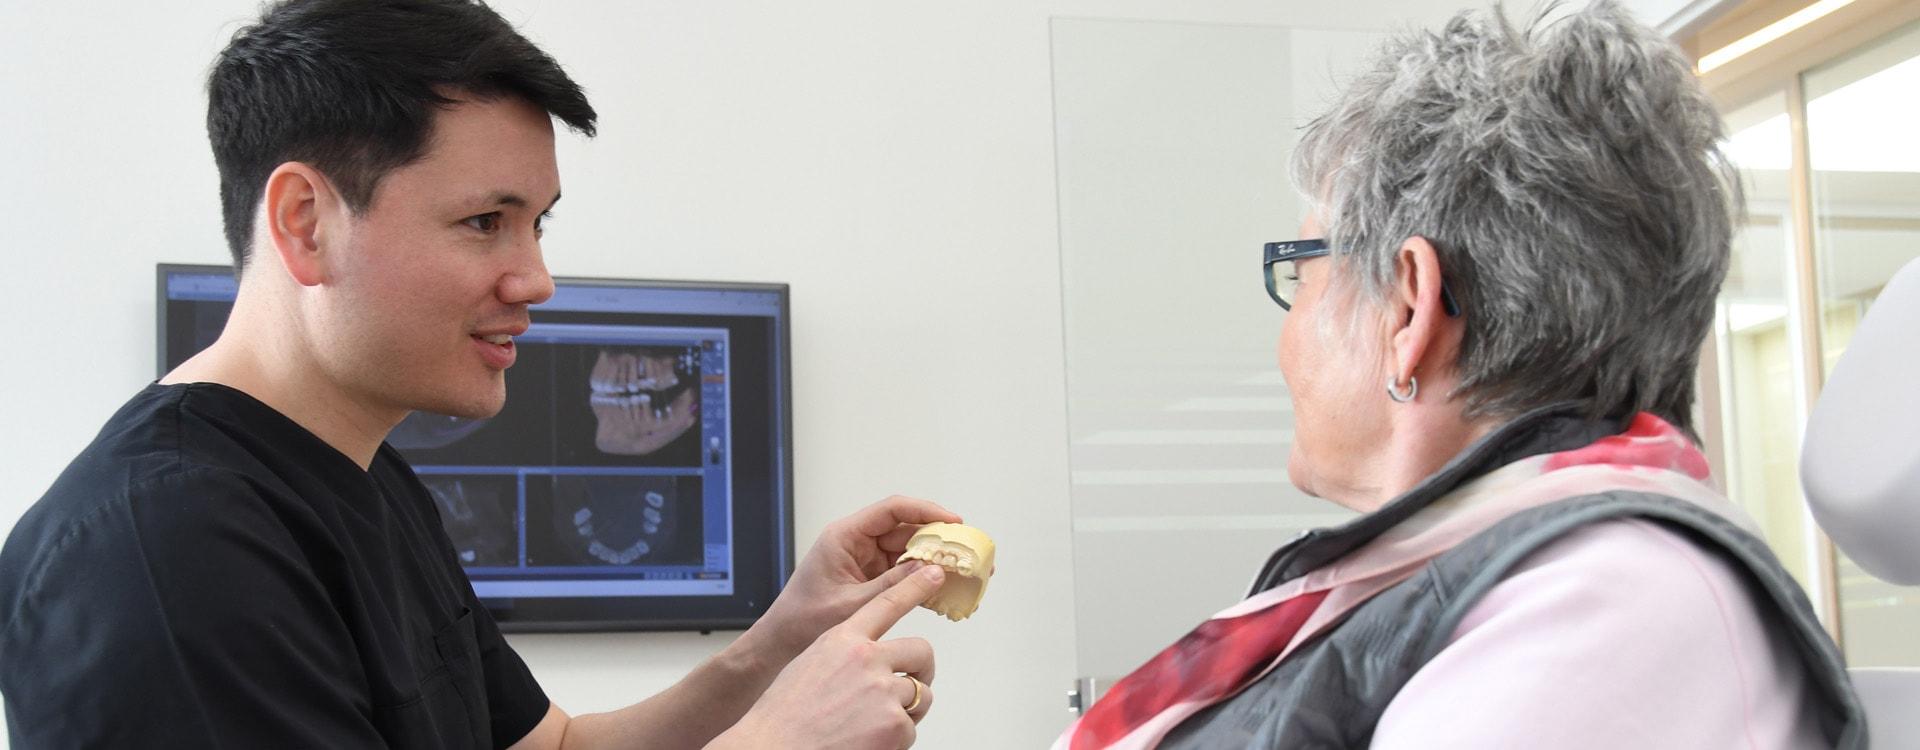 Zahnärzte Scheller in Braunschweig